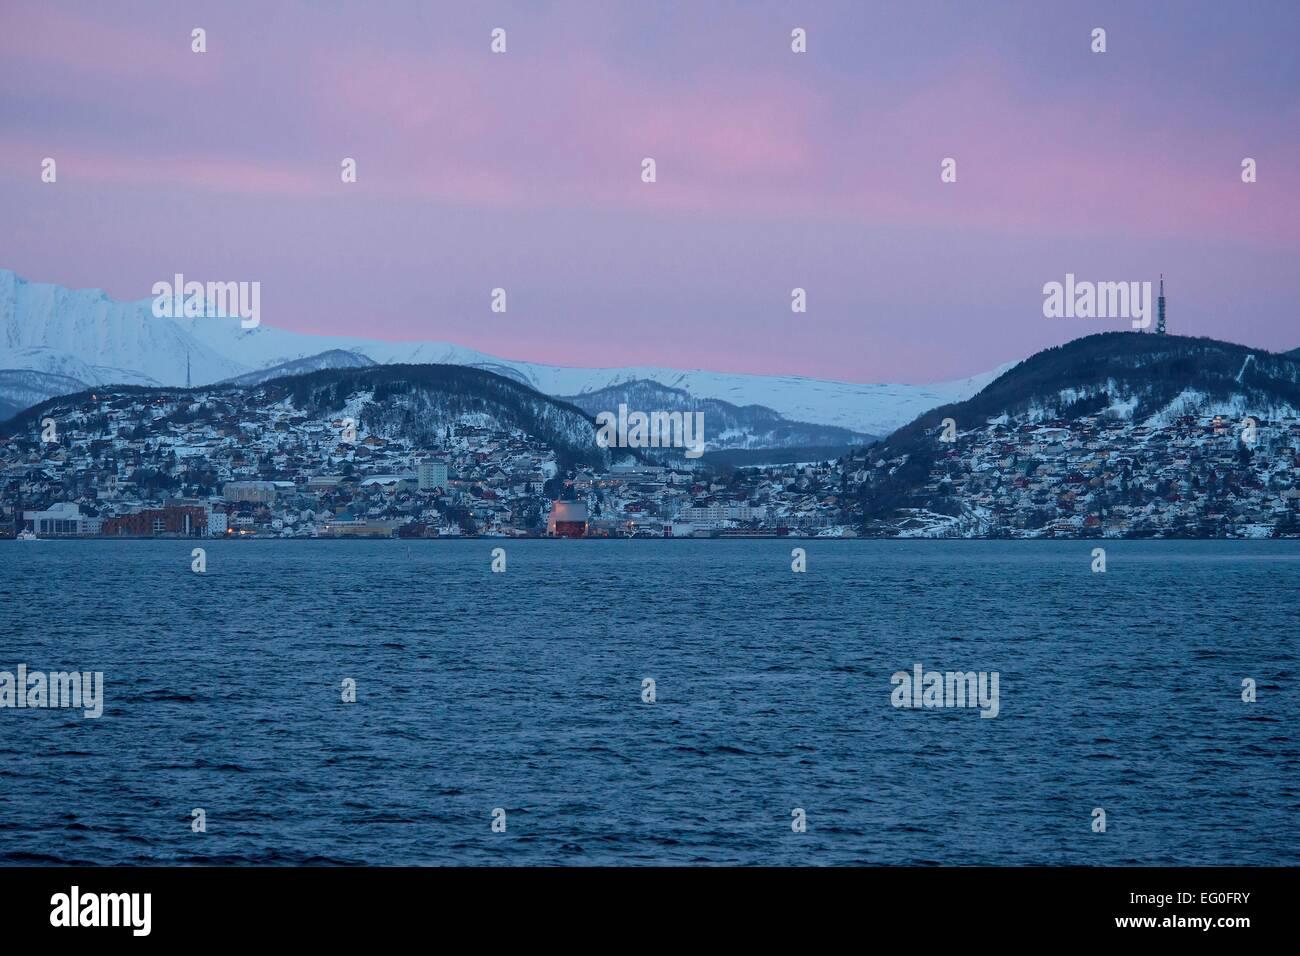 Stadt auf Hügeln am Vågsfjord, in der Ferne leuchten schneebedeckte Berge unter buntem Morgenhimmel; 26.02.2014 - Stock Image